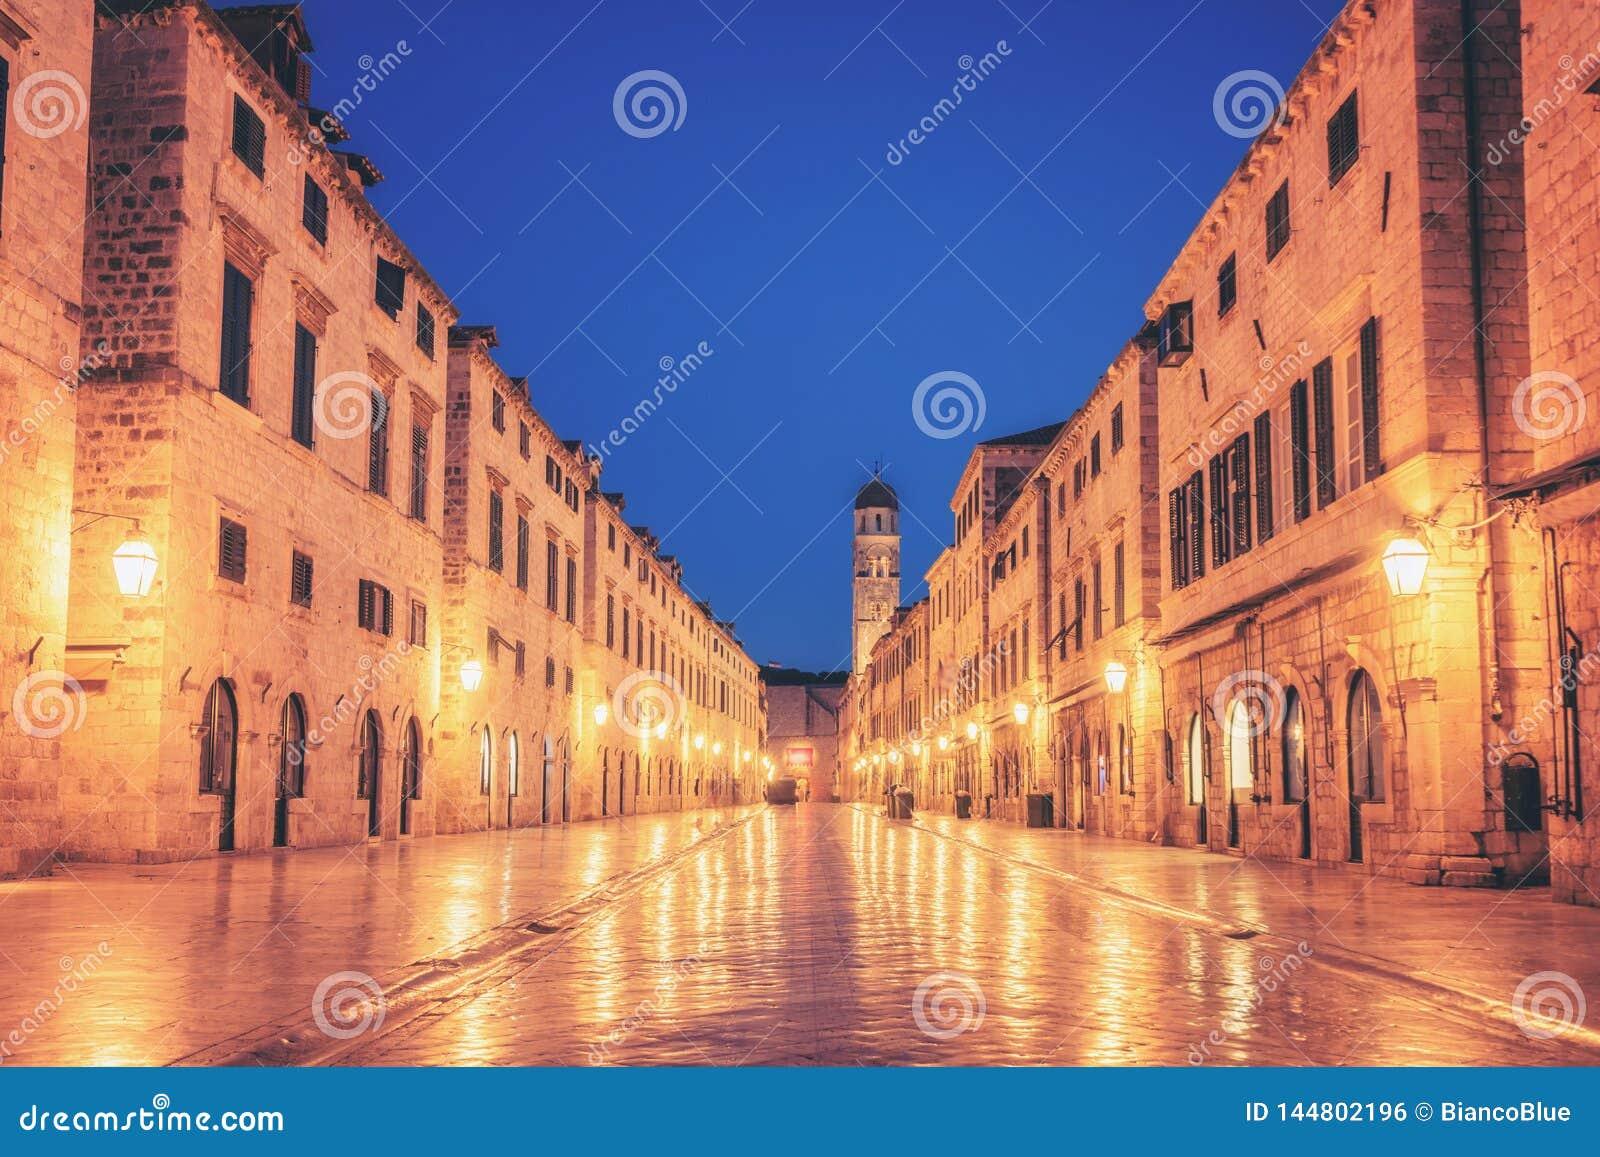 Historyczna ulica Stradun w Dubrovnik, Chorwacja